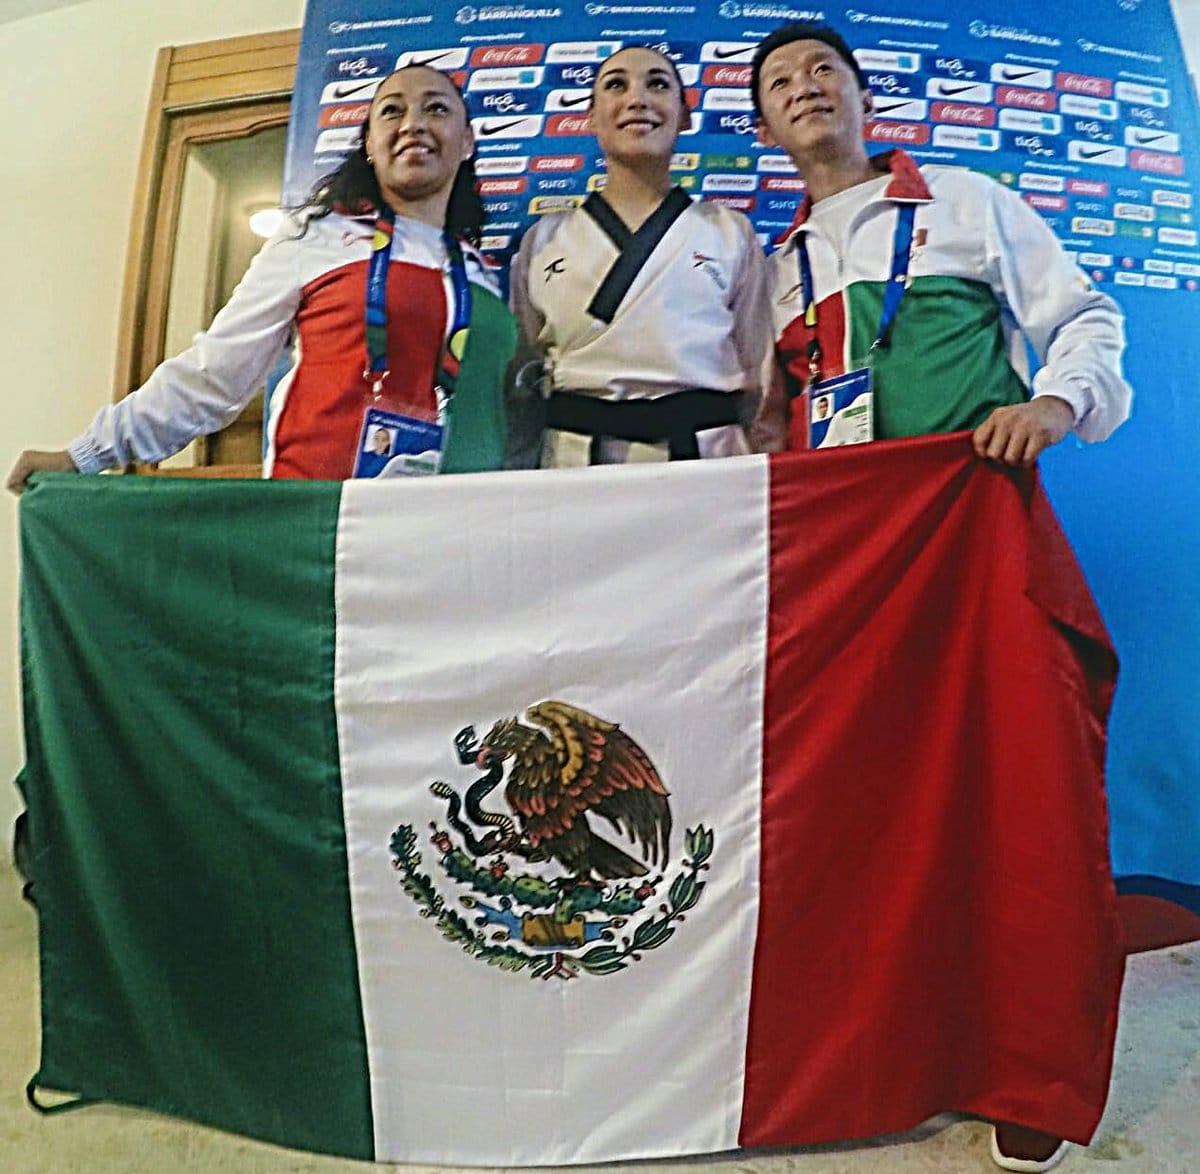 Mexicanos ganan medallas de oro en Juegos Centroaericanos y del Caribe 2018